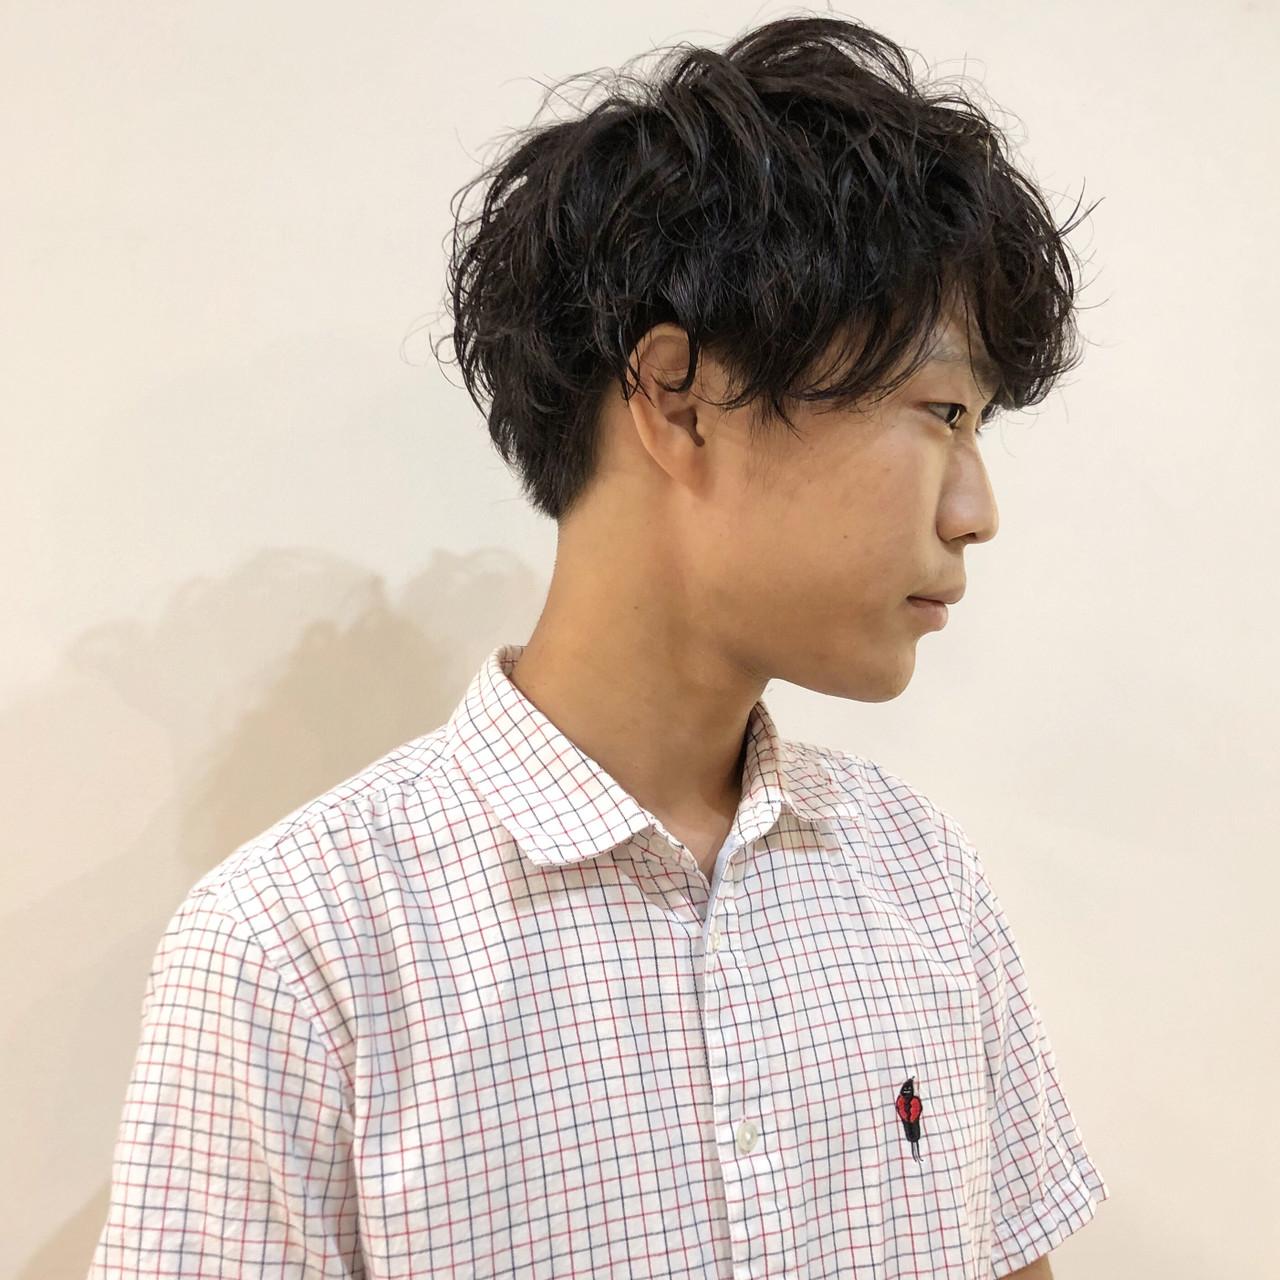 ミディアム メンズスタイル メンズマッシュ メンズパーマ ヘアスタイルや髪型の写真・画像 | 佐野勇士 / kchiara